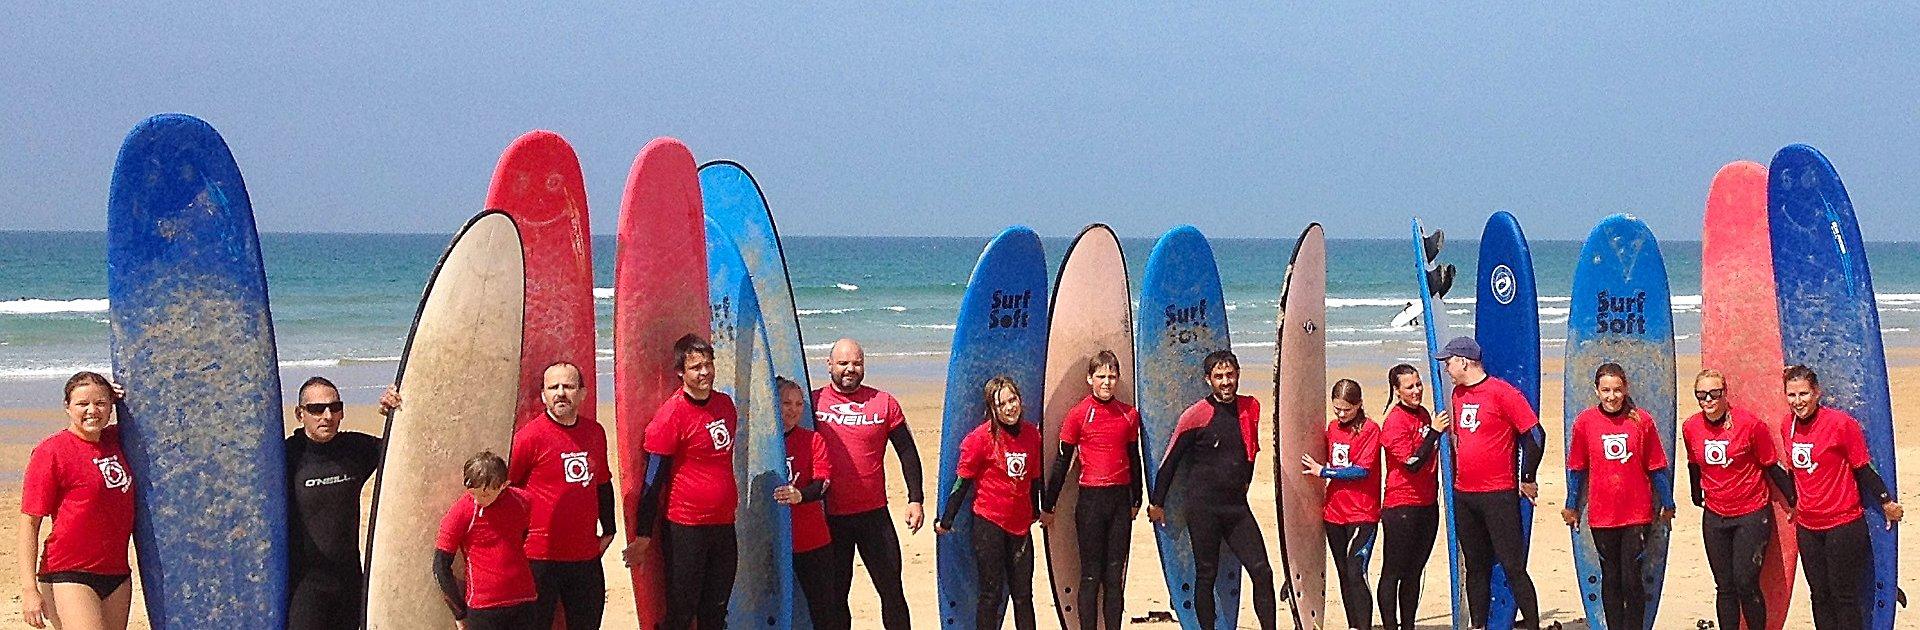 Surfkurs - Gruppenfoto